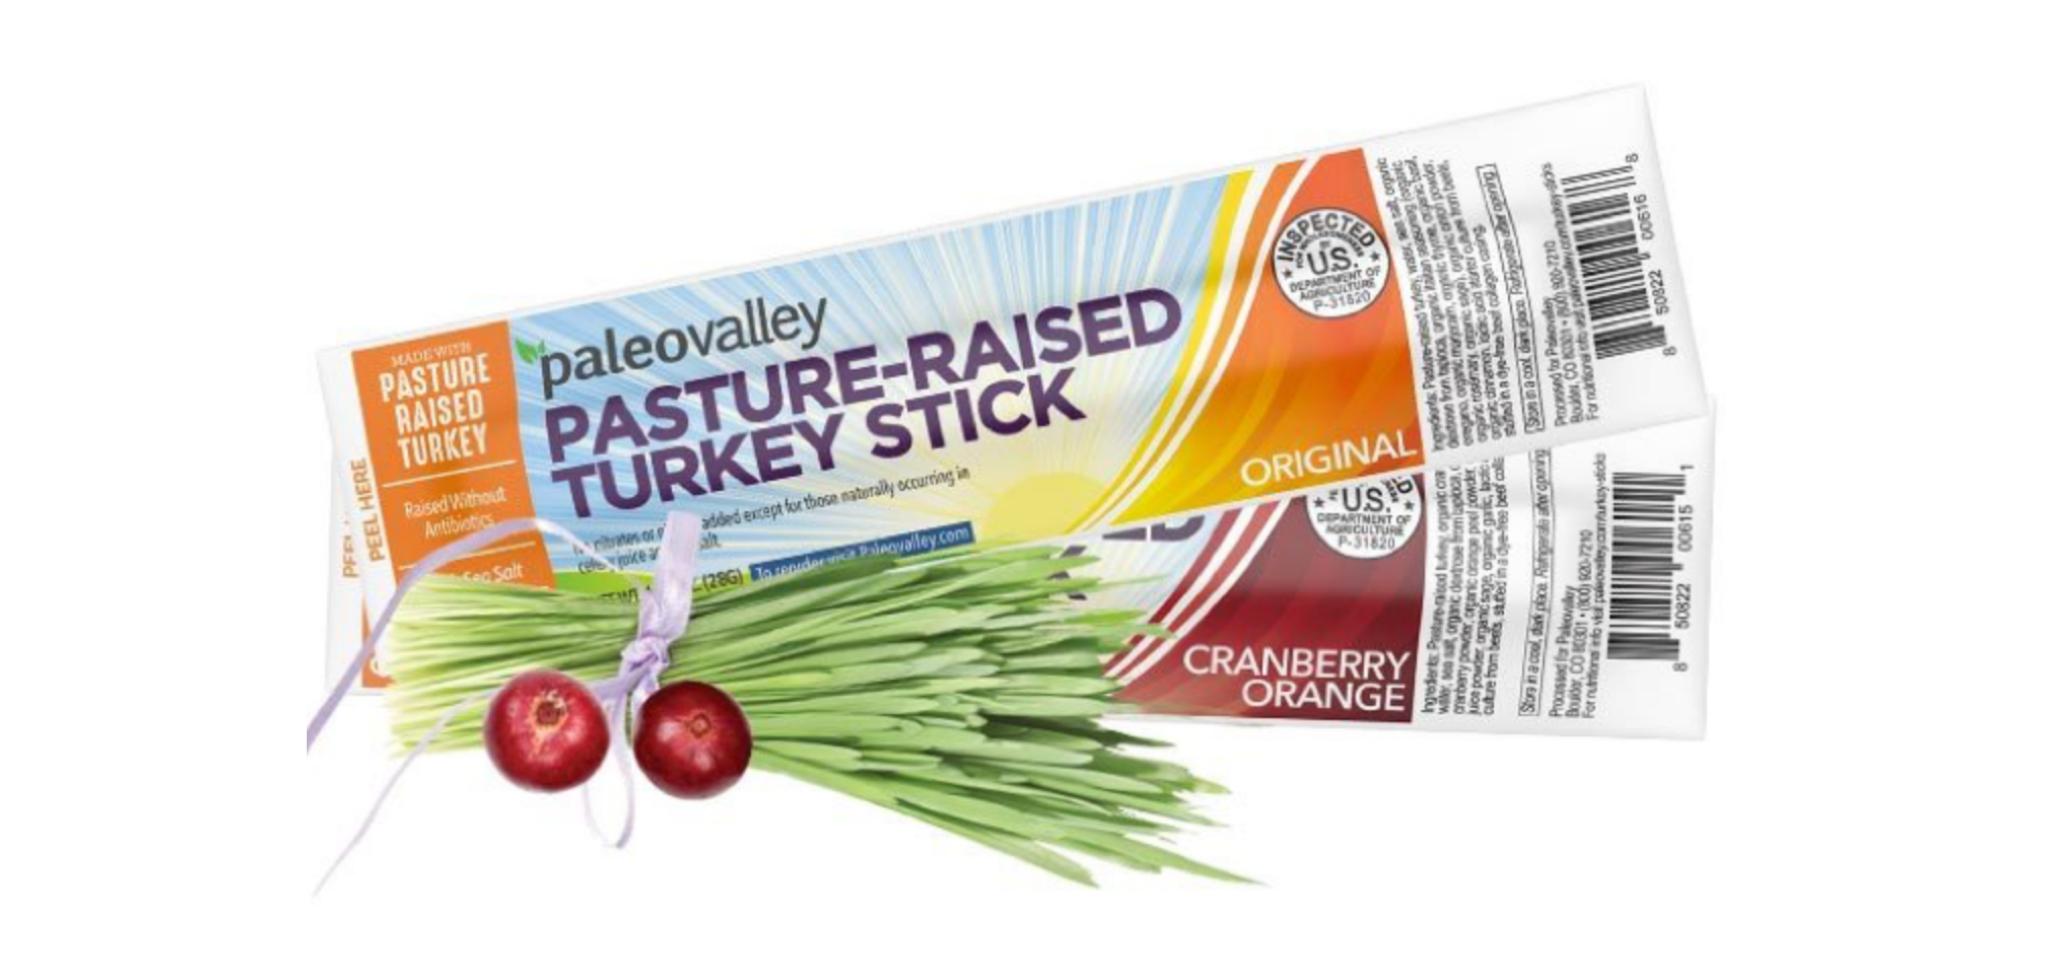 Paleovalley Turkey Sticks